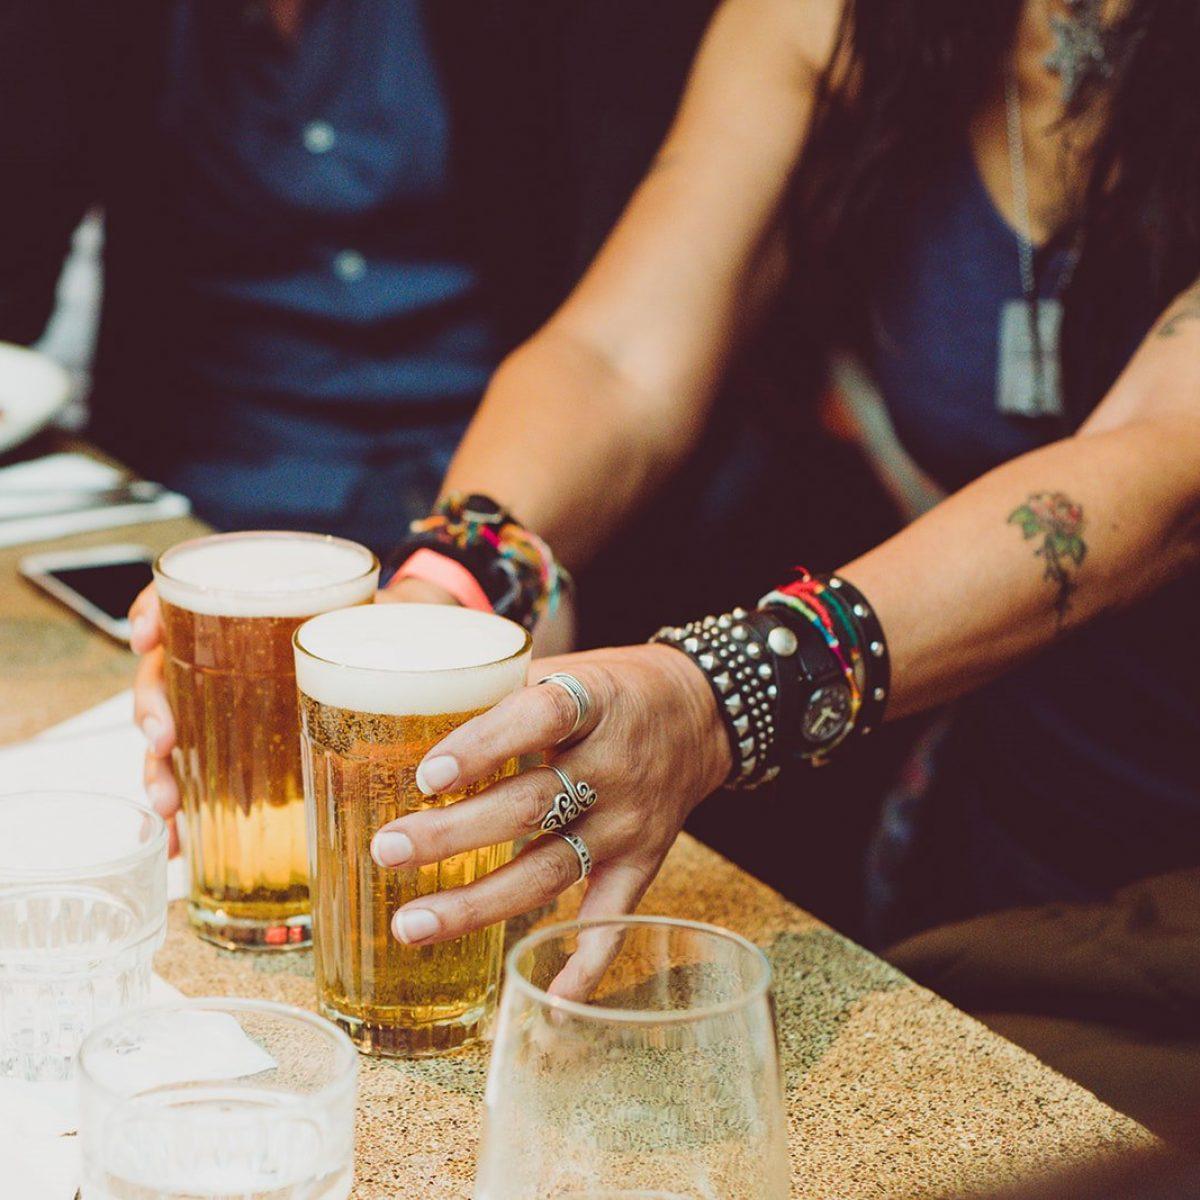 ידיים של אישה עם קעקועים מחזיות 2 כוסות בירה על הבר - Woman's hands with tattoos holding 2 glasses of beer at the bar